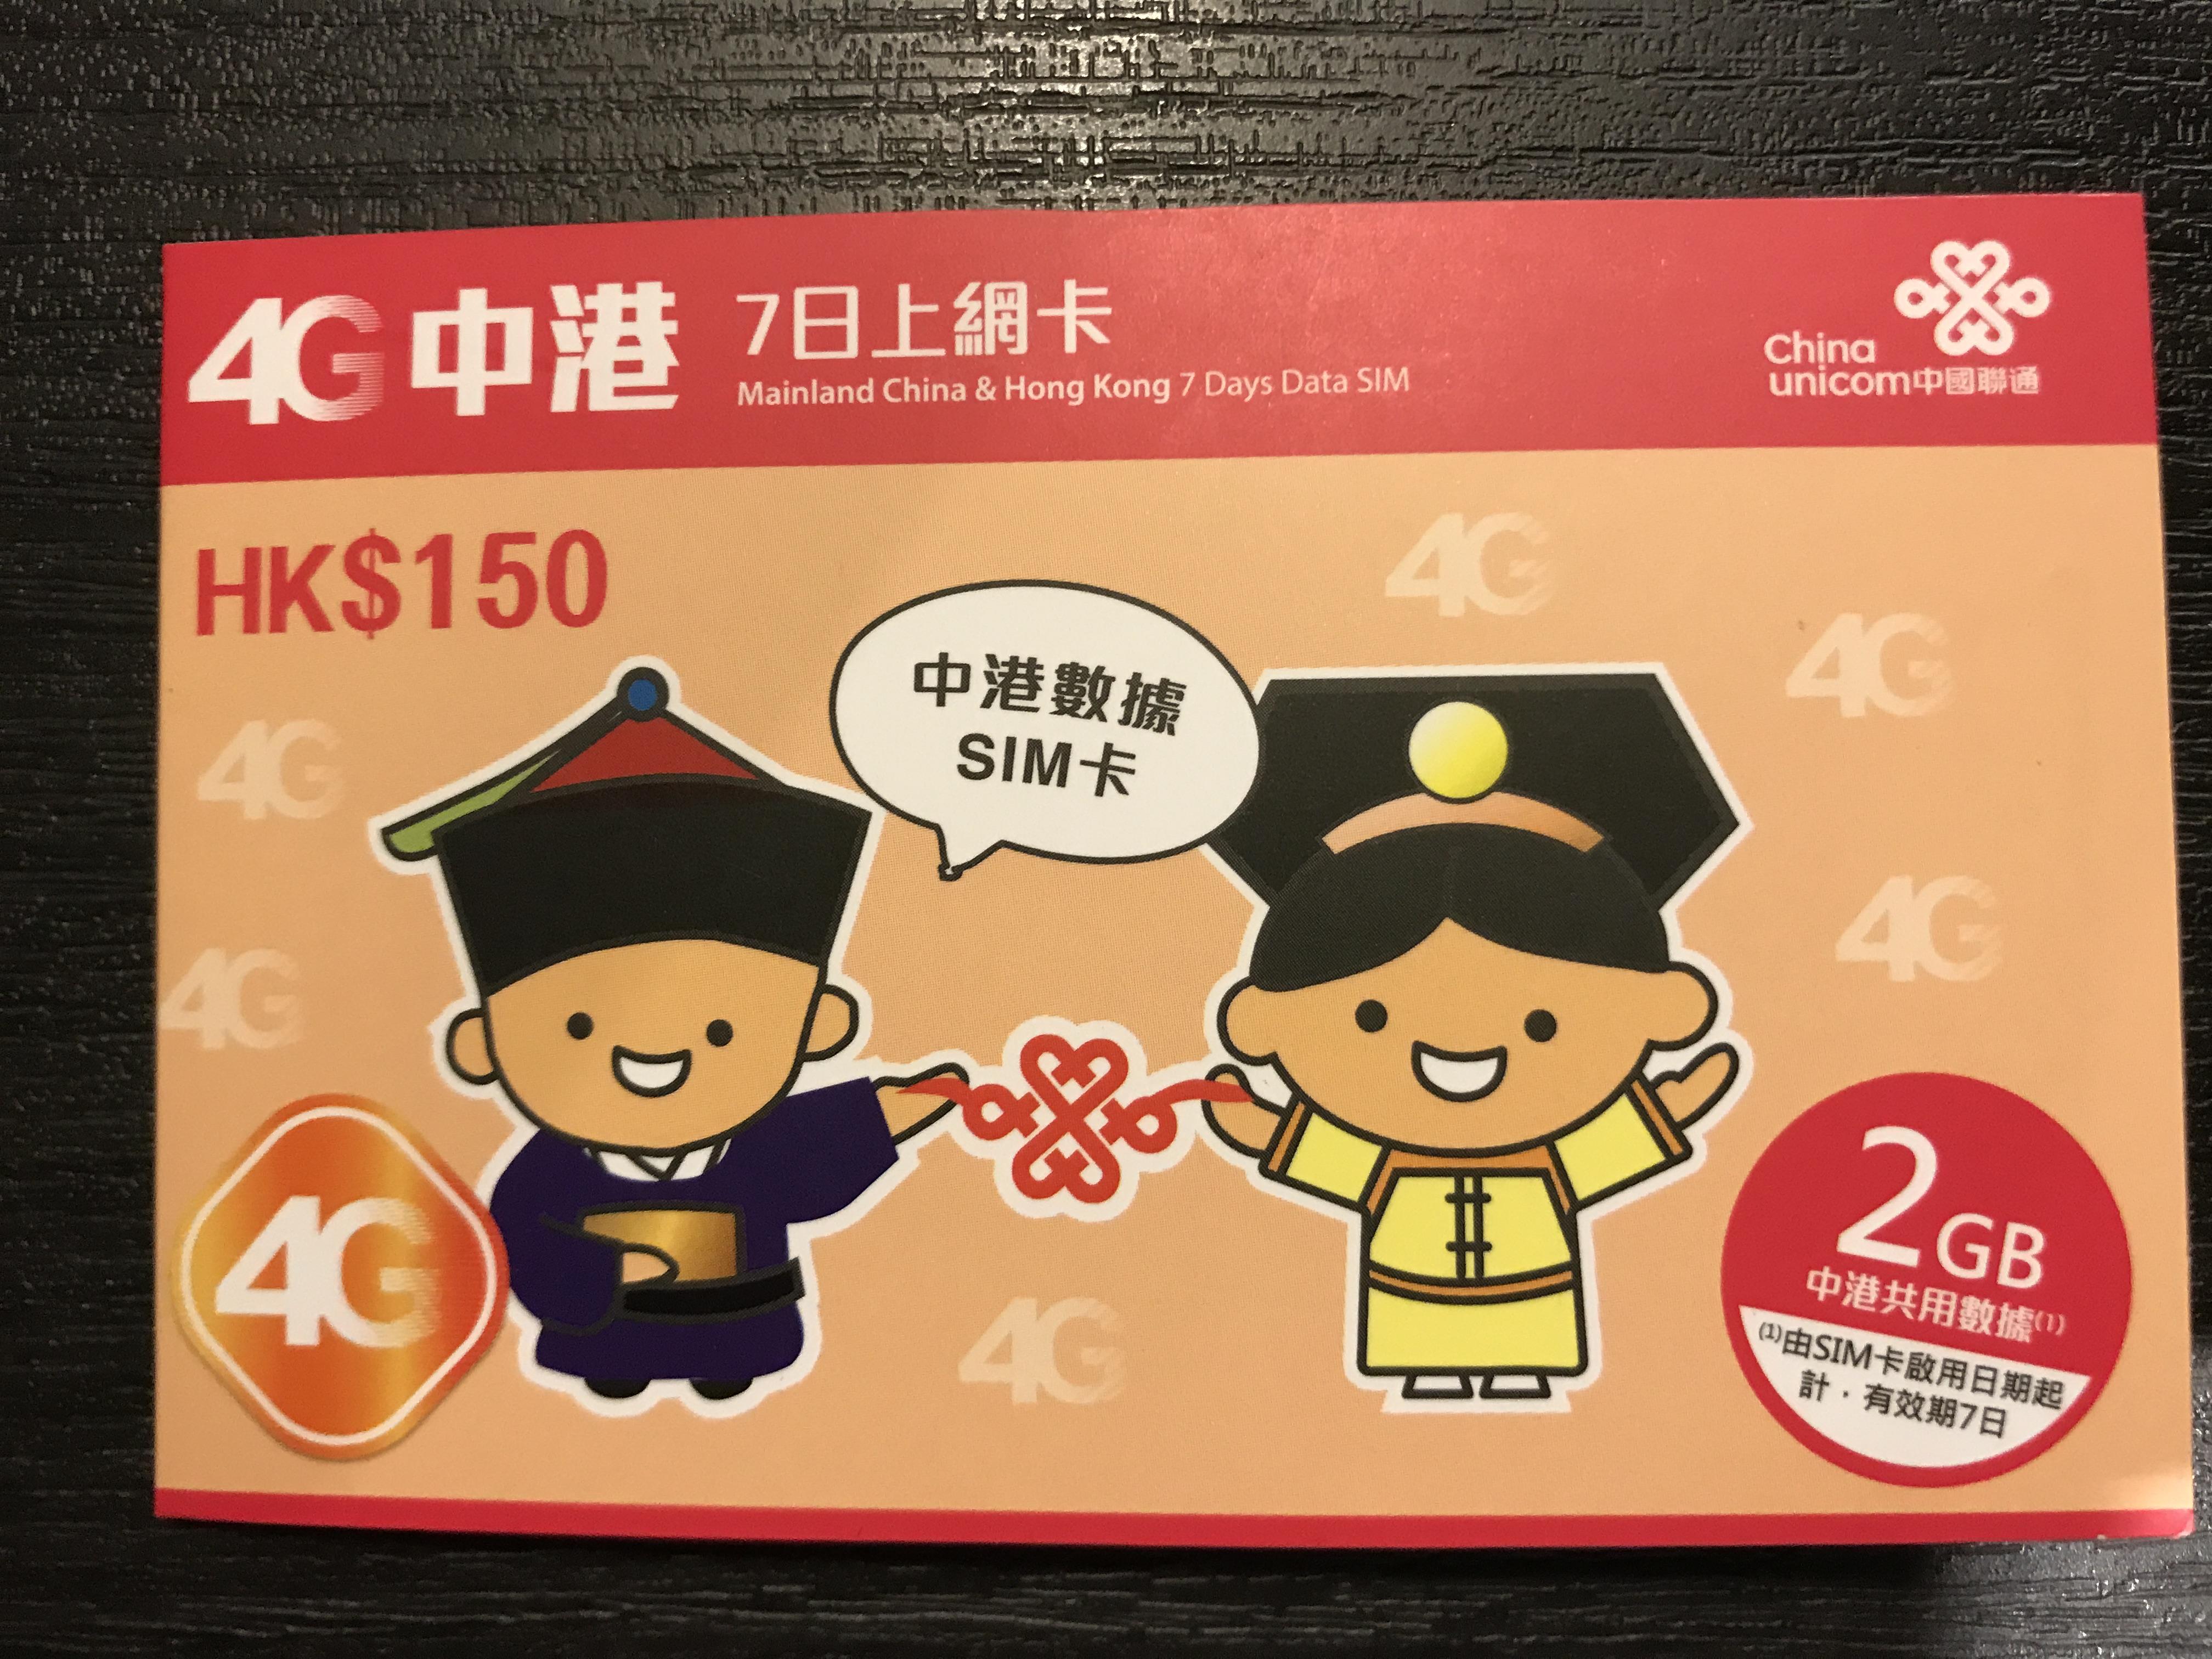 中国のネット規制を越える香港SIM